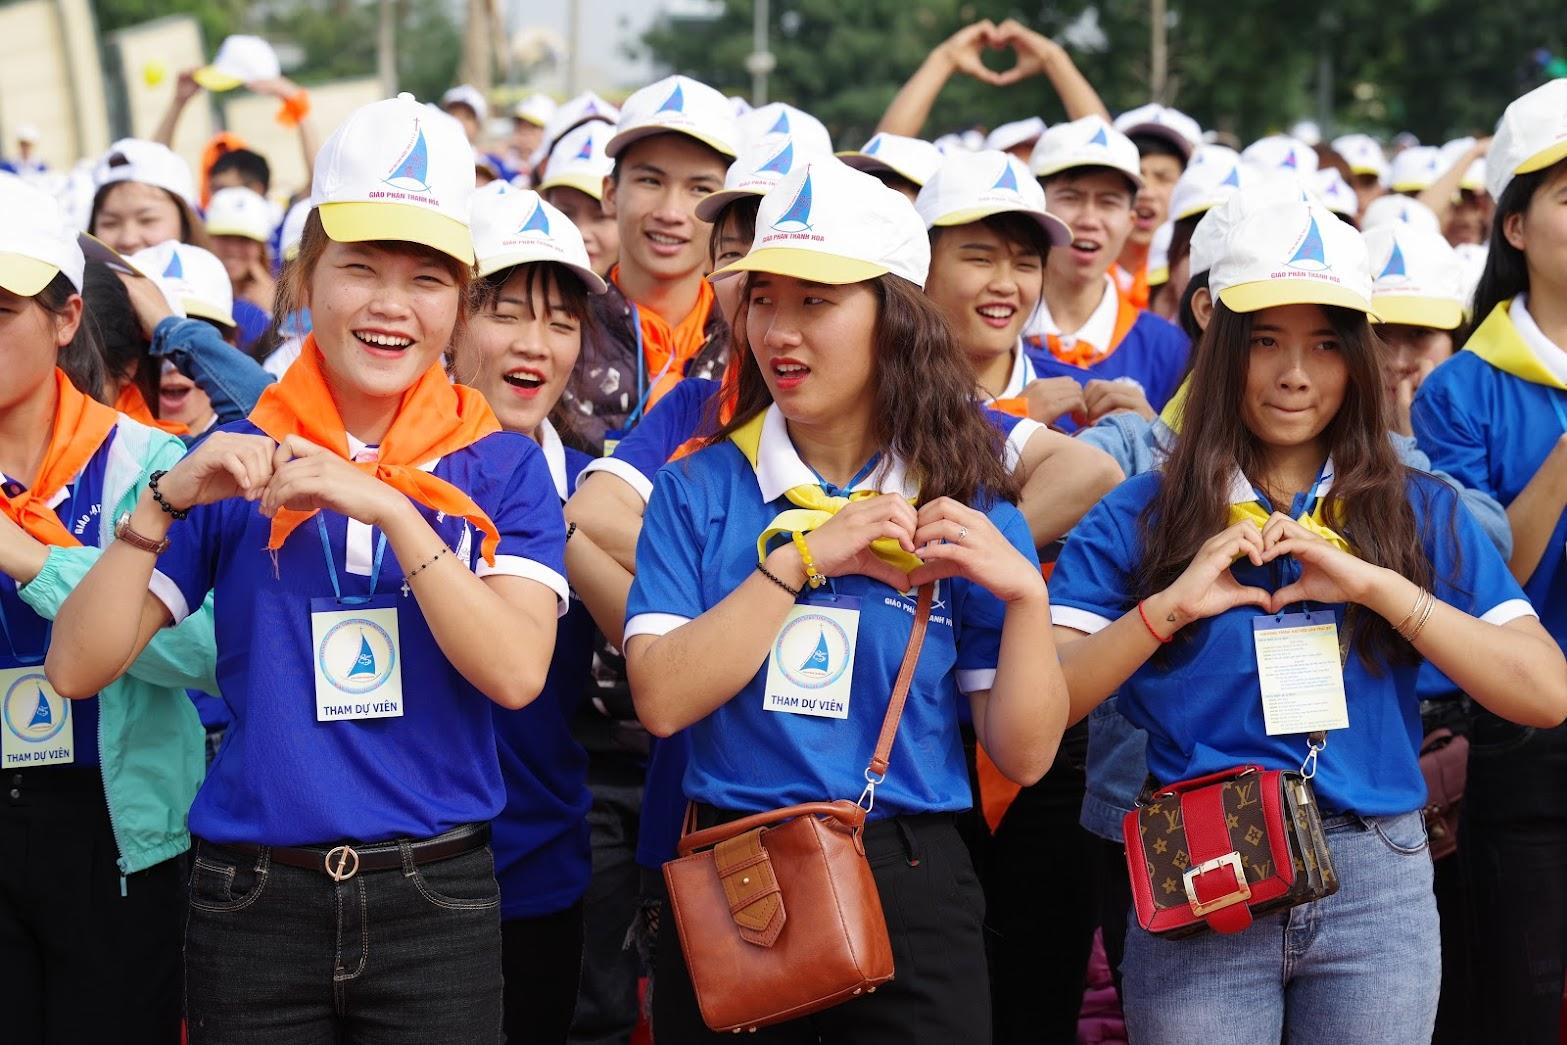 Những hình ảnh đẹp về lễ khai mạc Đại Hội Giới Trẻ giáo tỉnh Hà Nội lần thứ XV tại Thanh Hóa - Ảnh minh hoạ 7